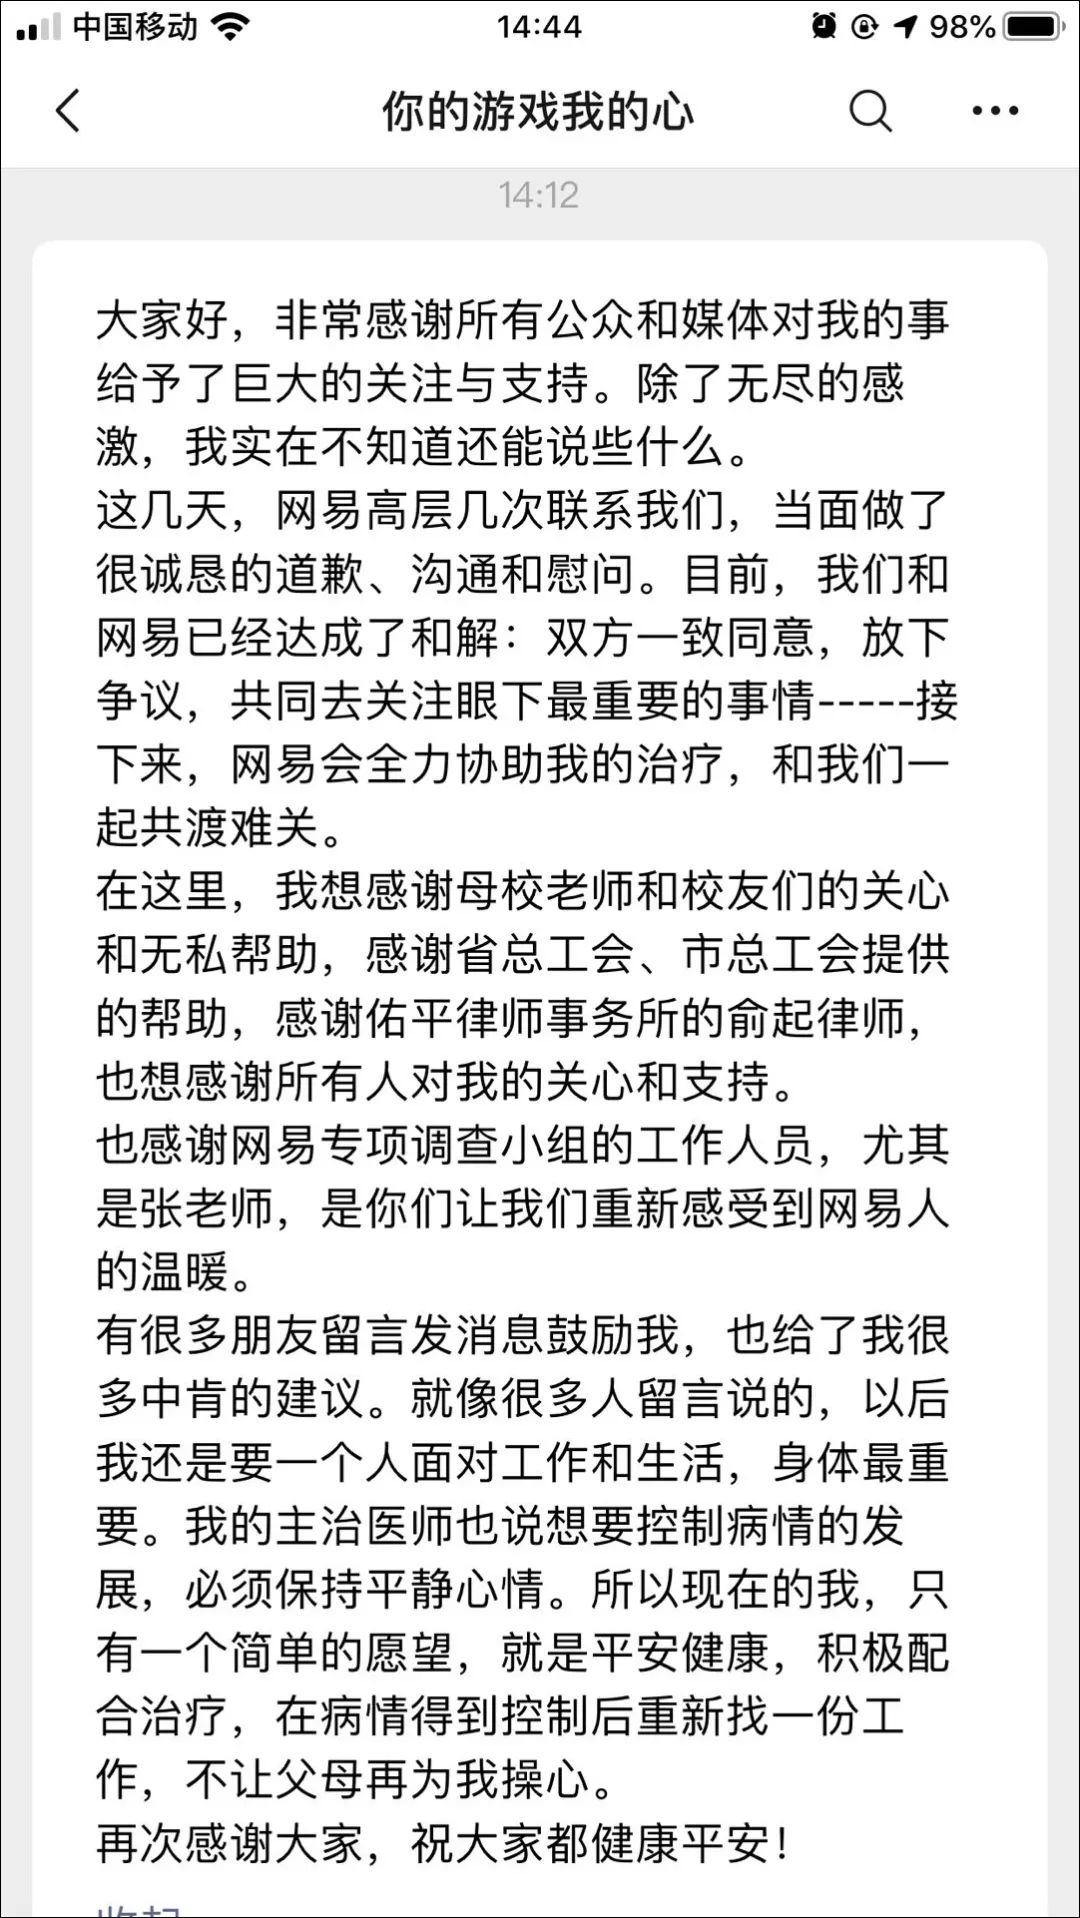 12bet新2官网,快讯:港股恒指高开0.3% 中国石油涨1.96%领涨蓝筹